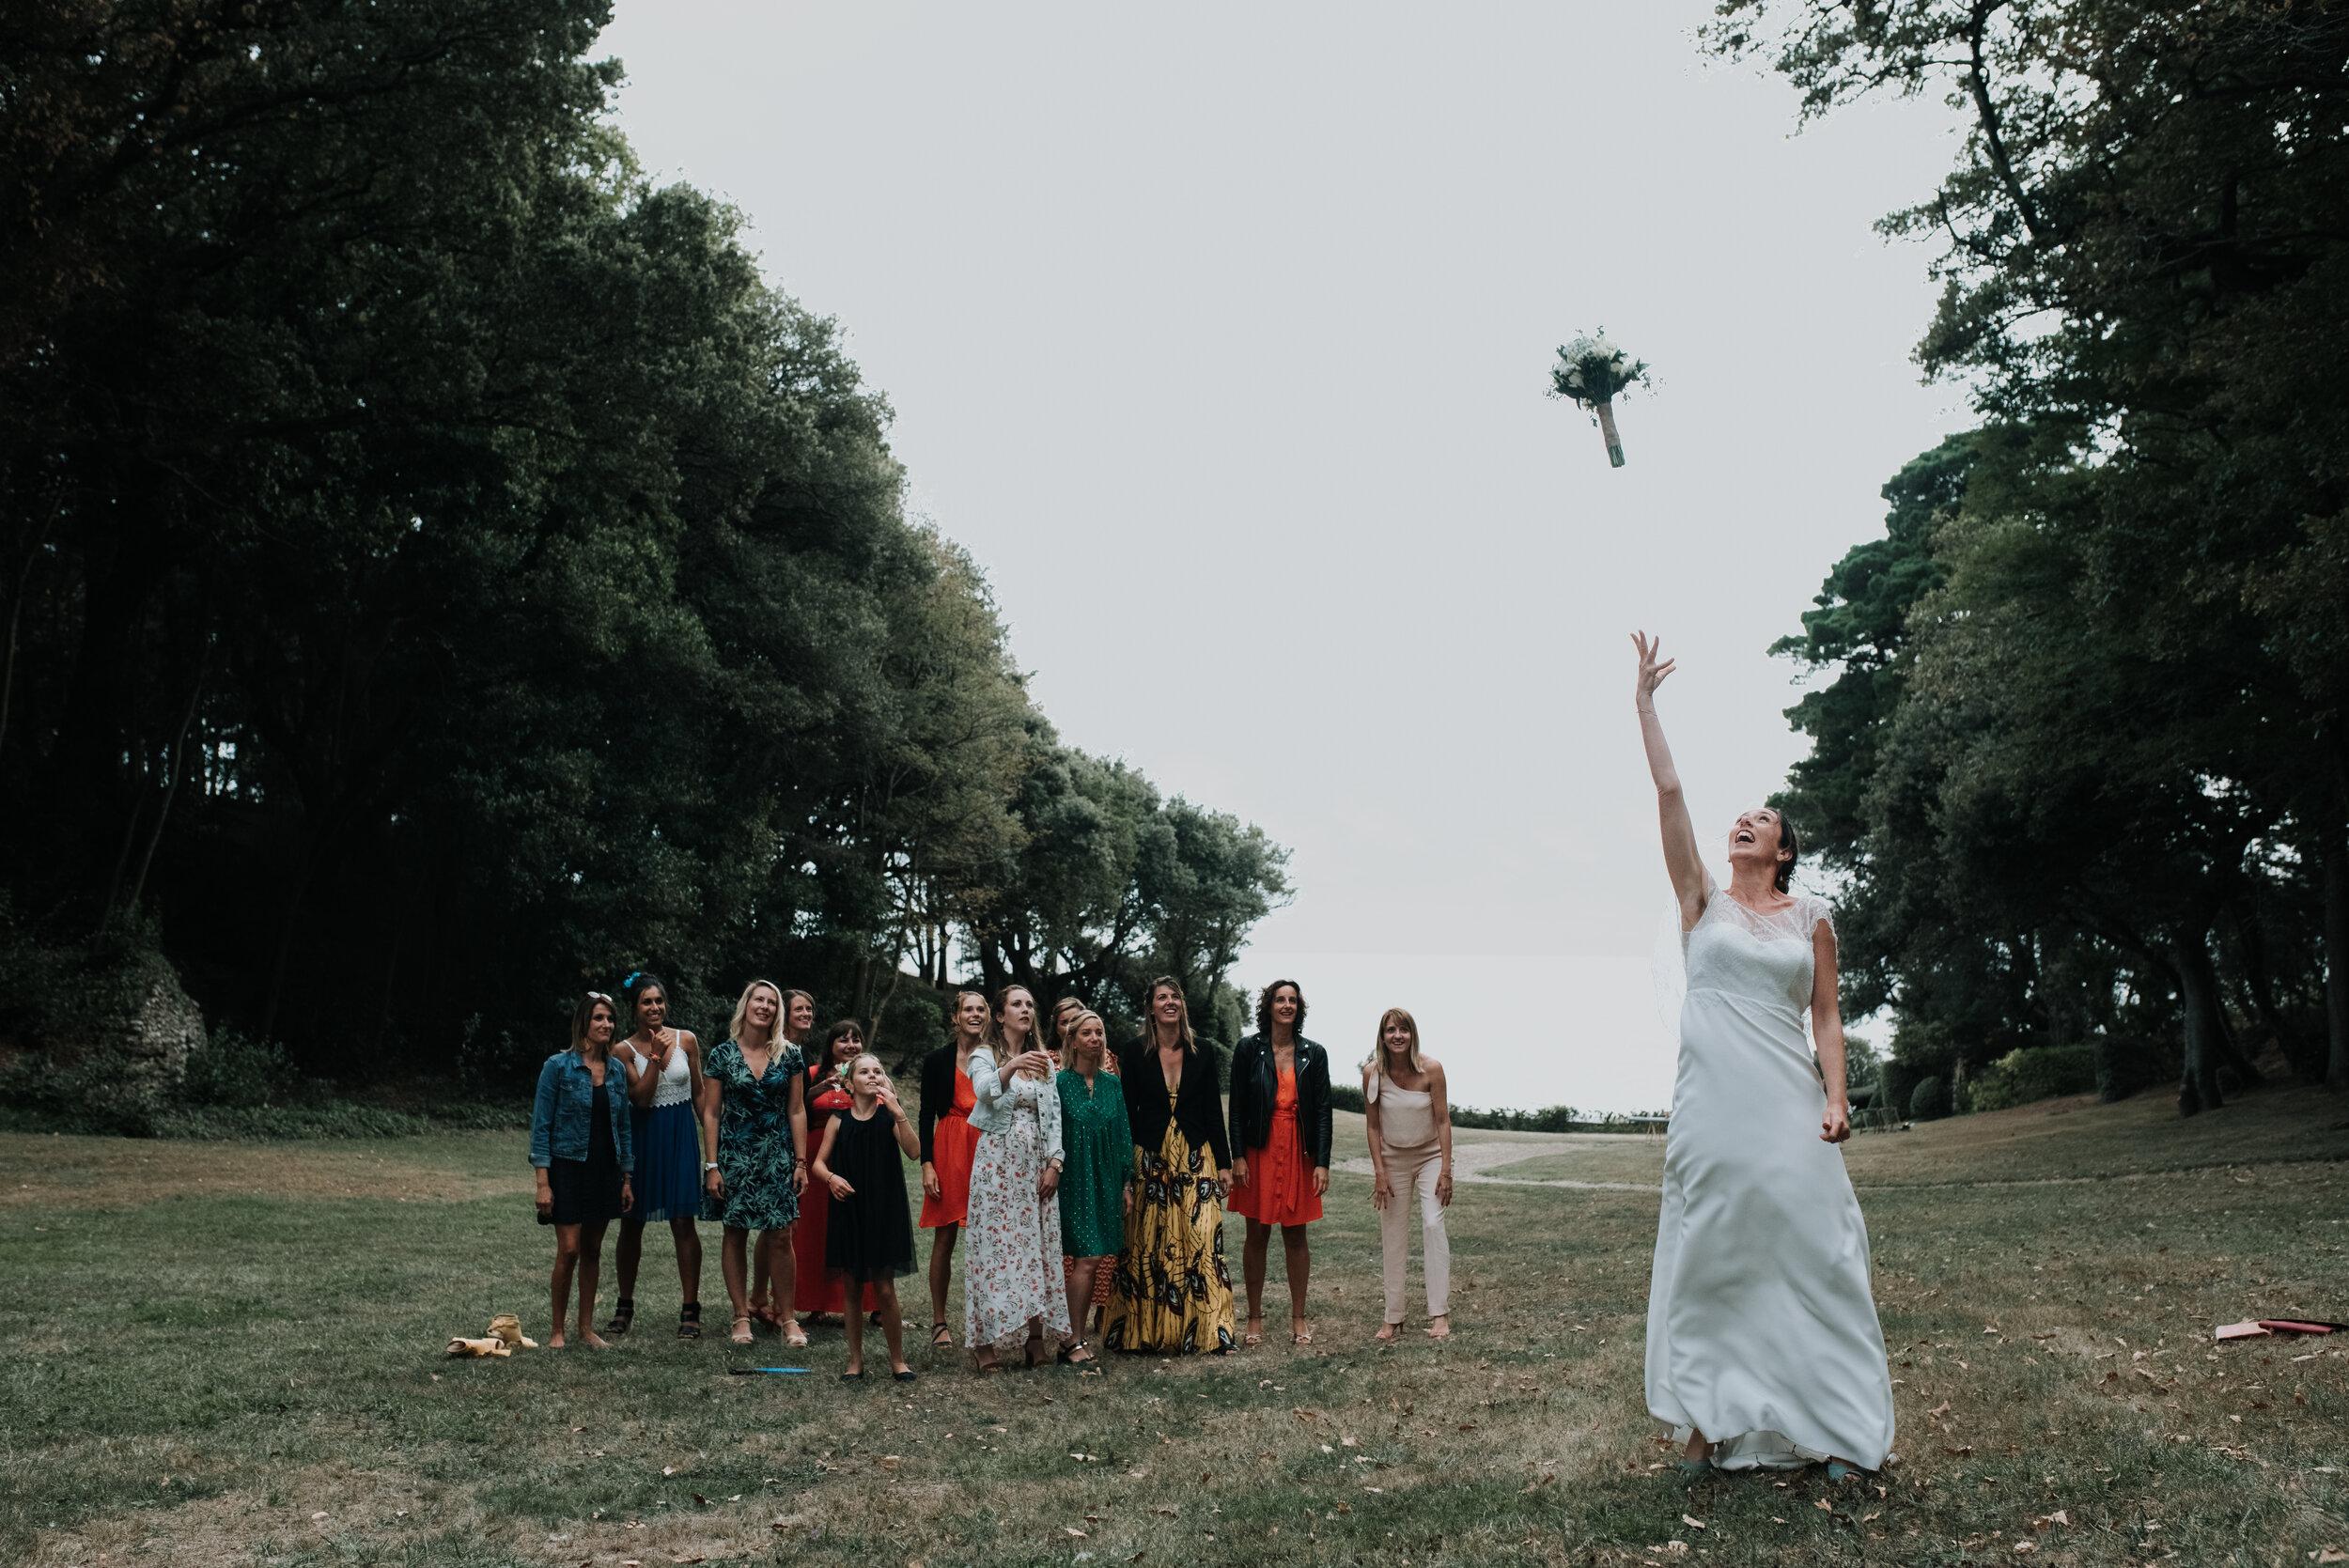 Léa-Fery-photographe-professionnel-Bretagne-portrait-creation-mariage-evenement-evenementiel-famille-7686.jpg